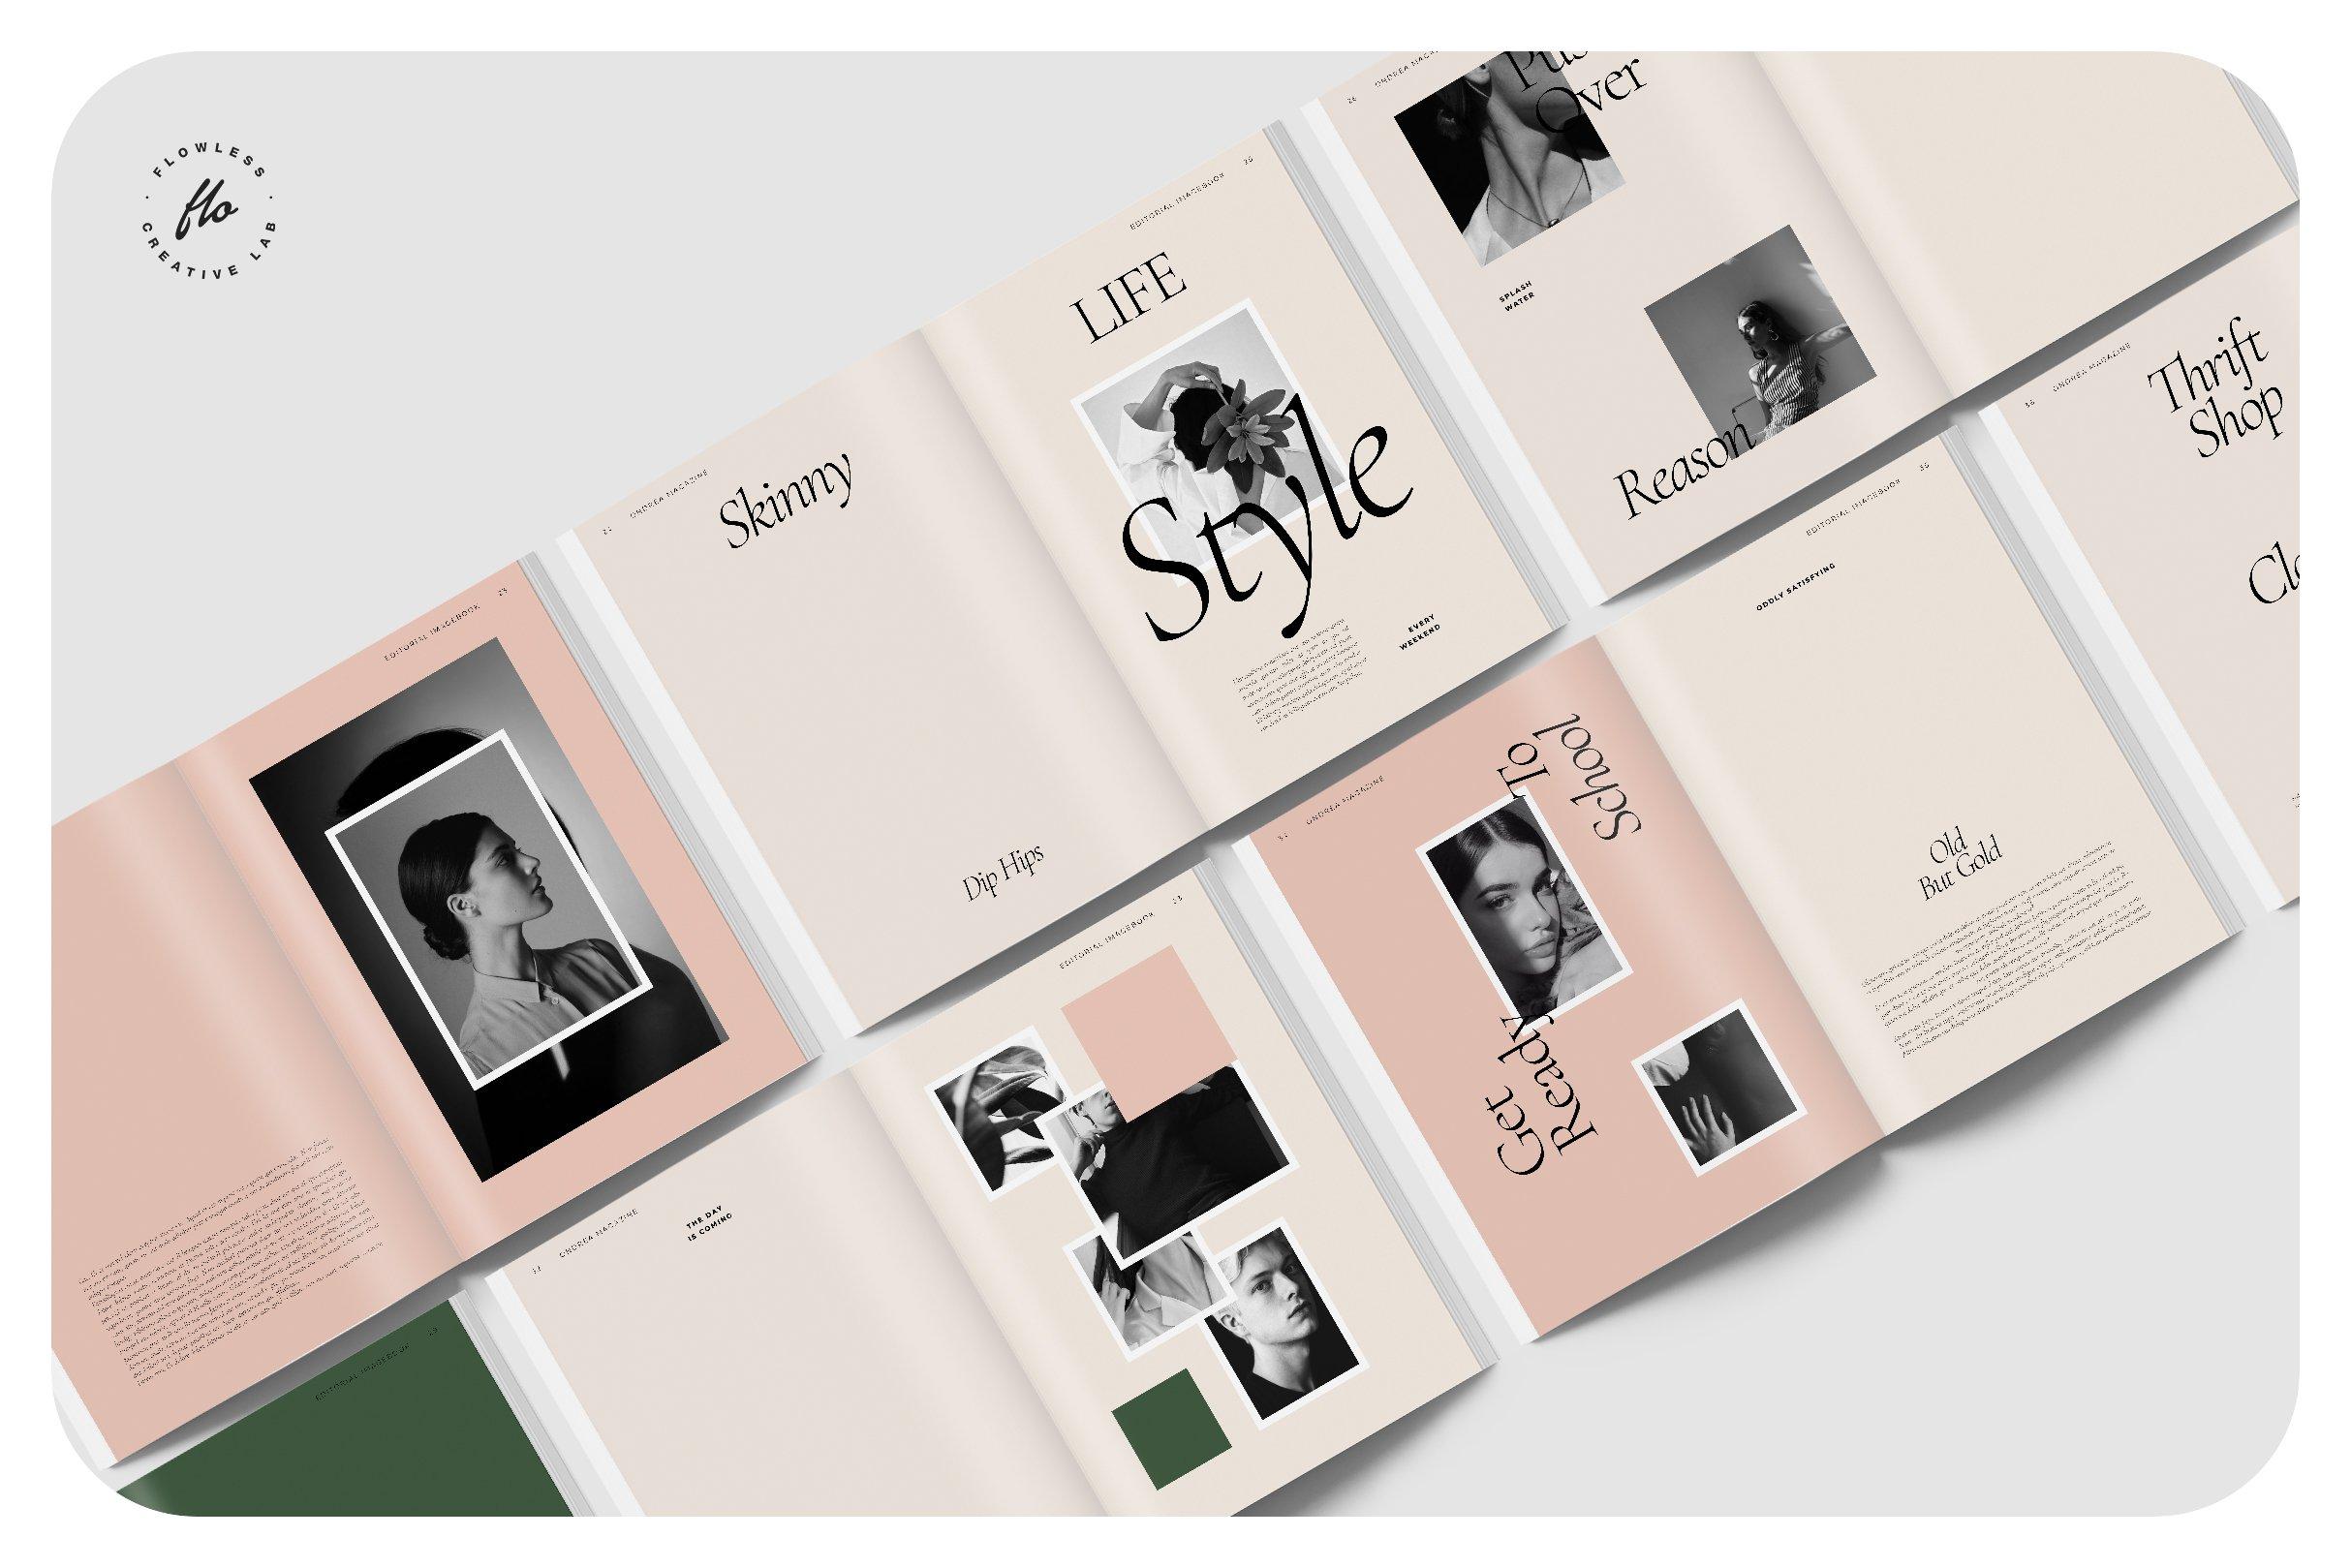 时尚服装设计作品集INDD画册模板 ONDREA Editorial Imagebook插图(4)